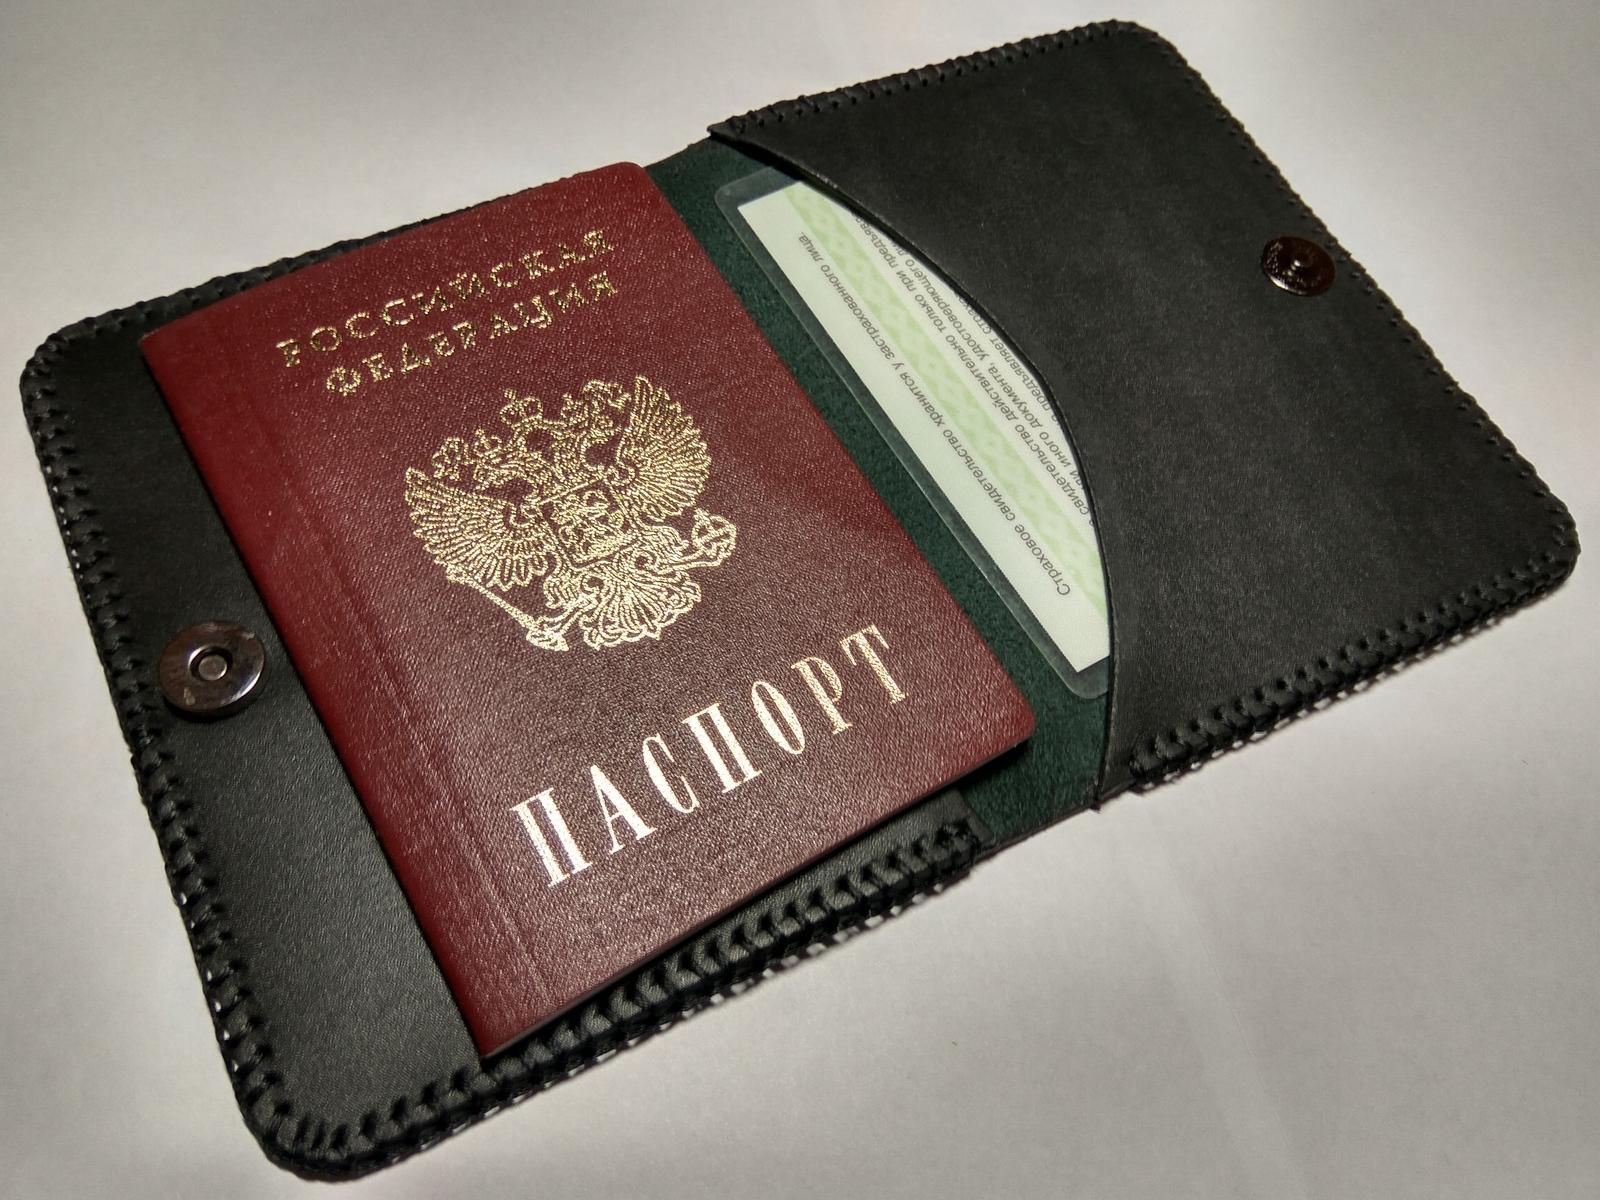 c2c9aea5b31e Кошелек и обложка для паспорта Кожа, Натуральная кожа, Рукоделие, Длиннопост